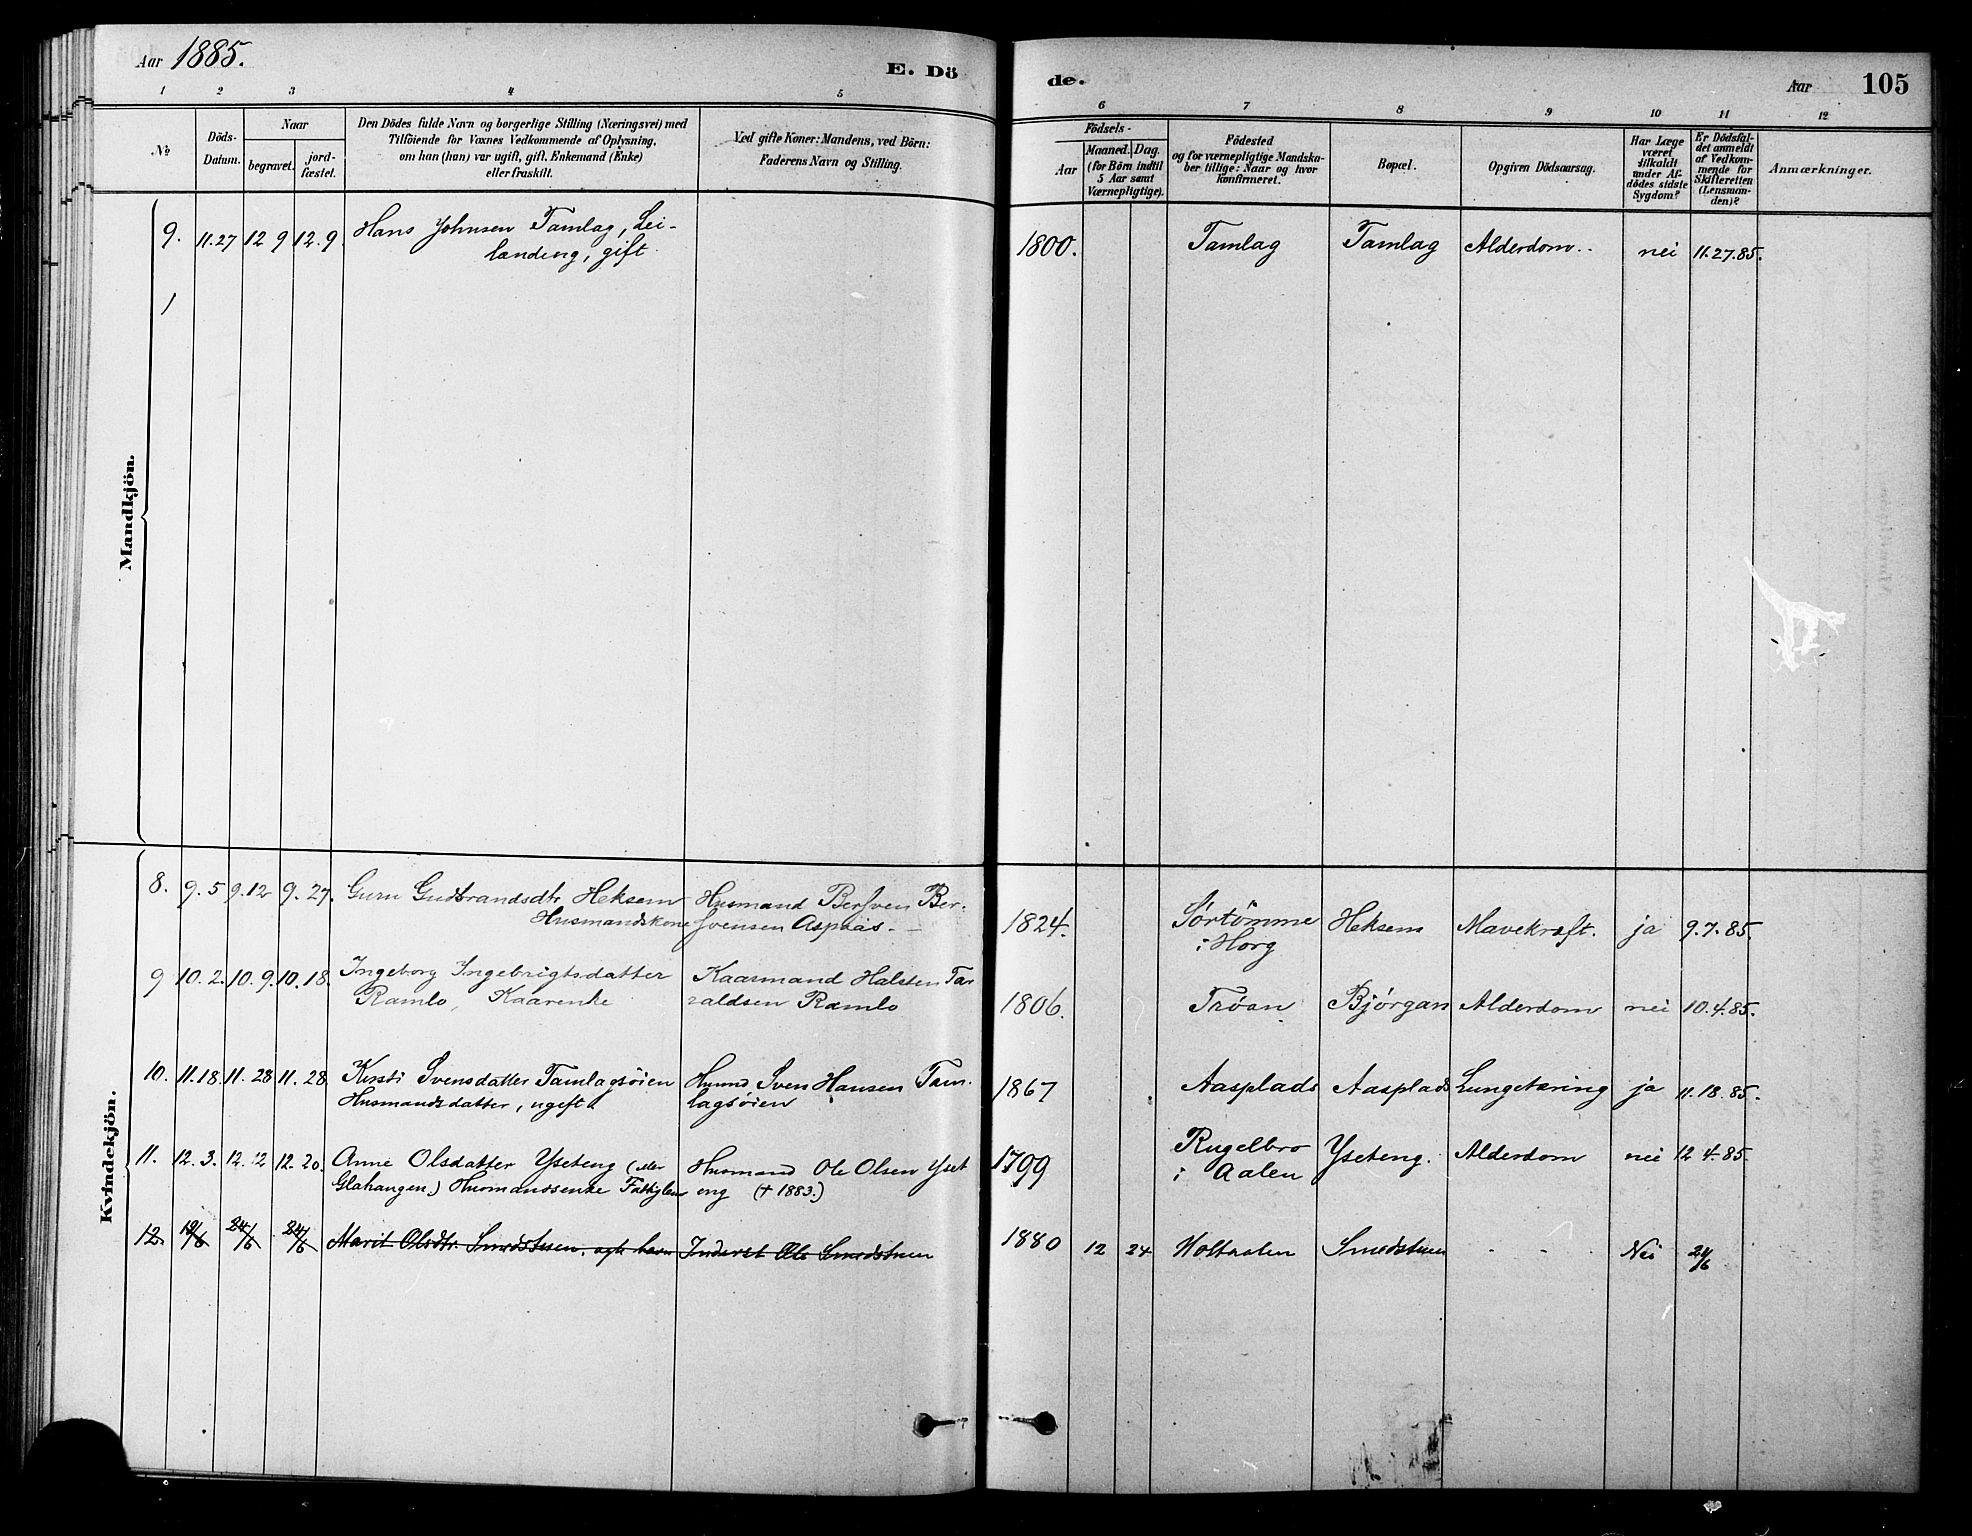 SAT, Ministerialprotokoller, klokkerbøker og fødselsregistre - Sør-Trøndelag, 685/L0972: Ministerialbok nr. 685A09, 1879-1890, s. 105